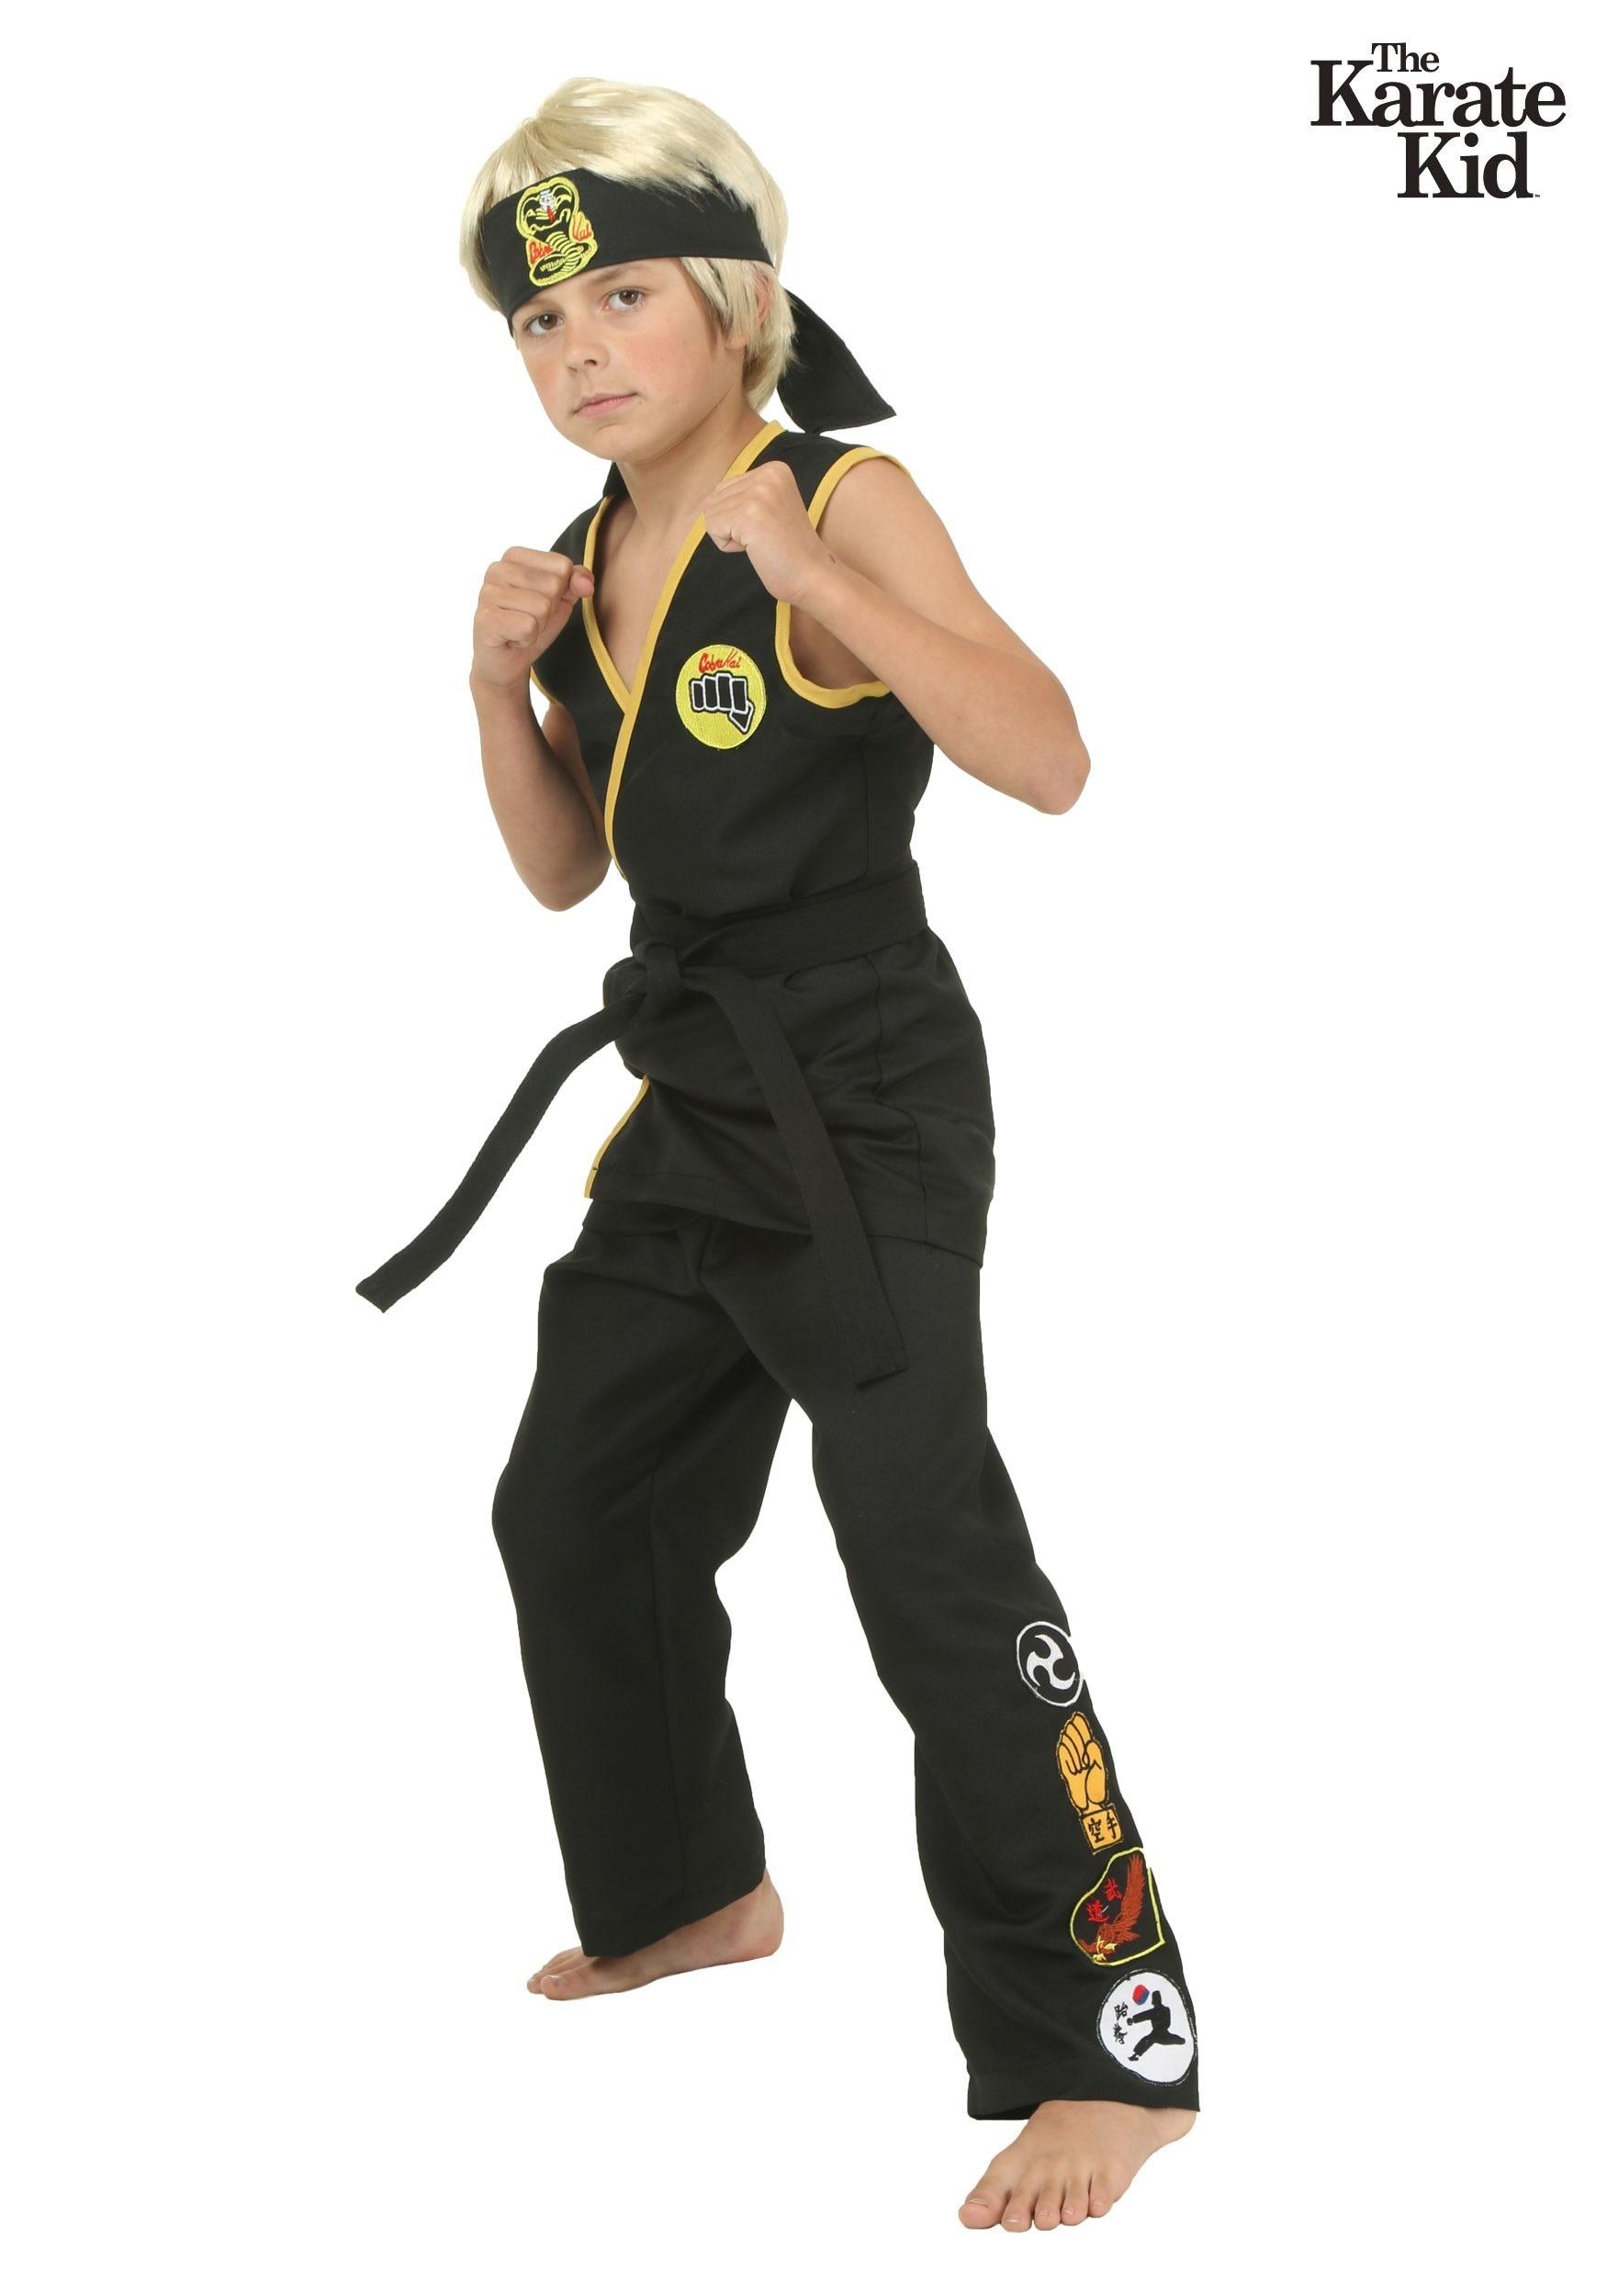 Karate Kid Bad Guy Gym